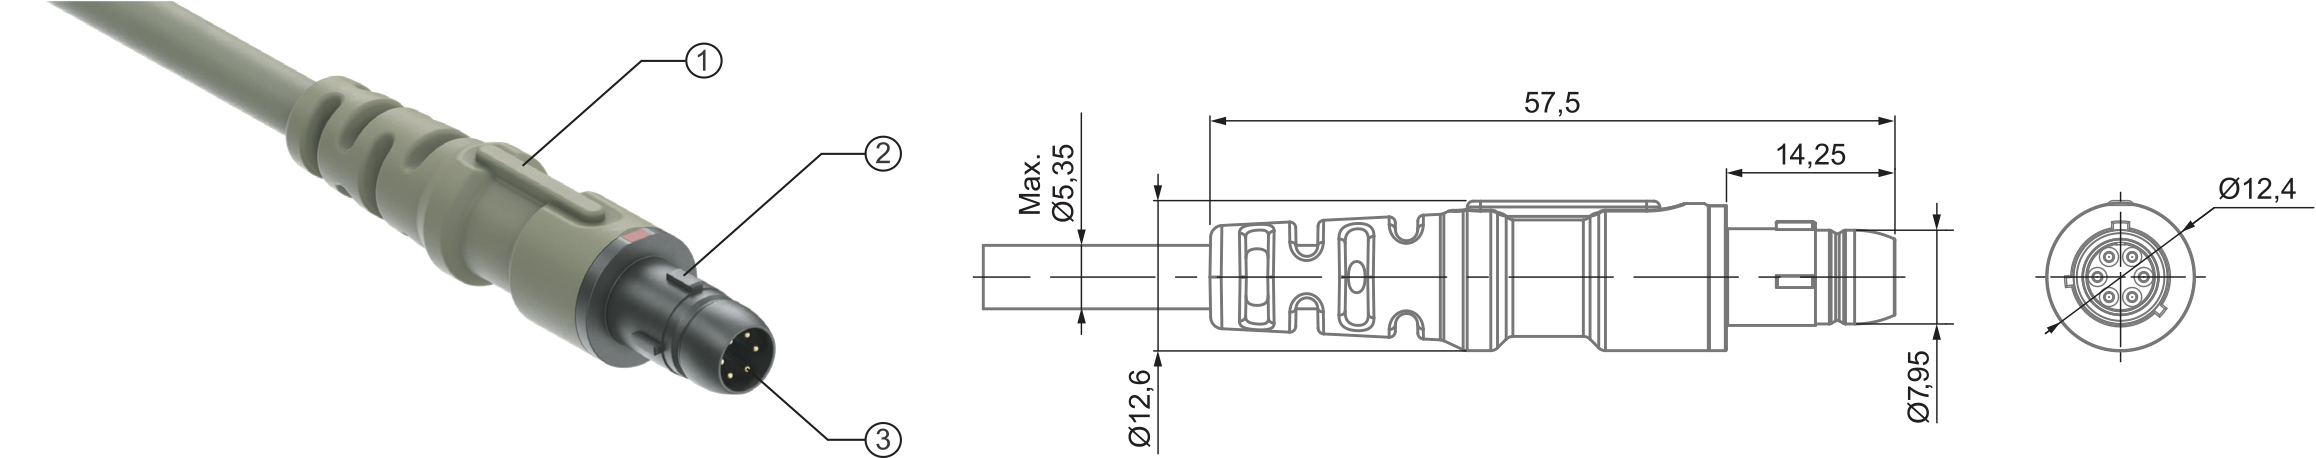 Кабельная вилка серии UltiMate 80: 1 — хвостовик; 2 — корпус; 3 — контакты